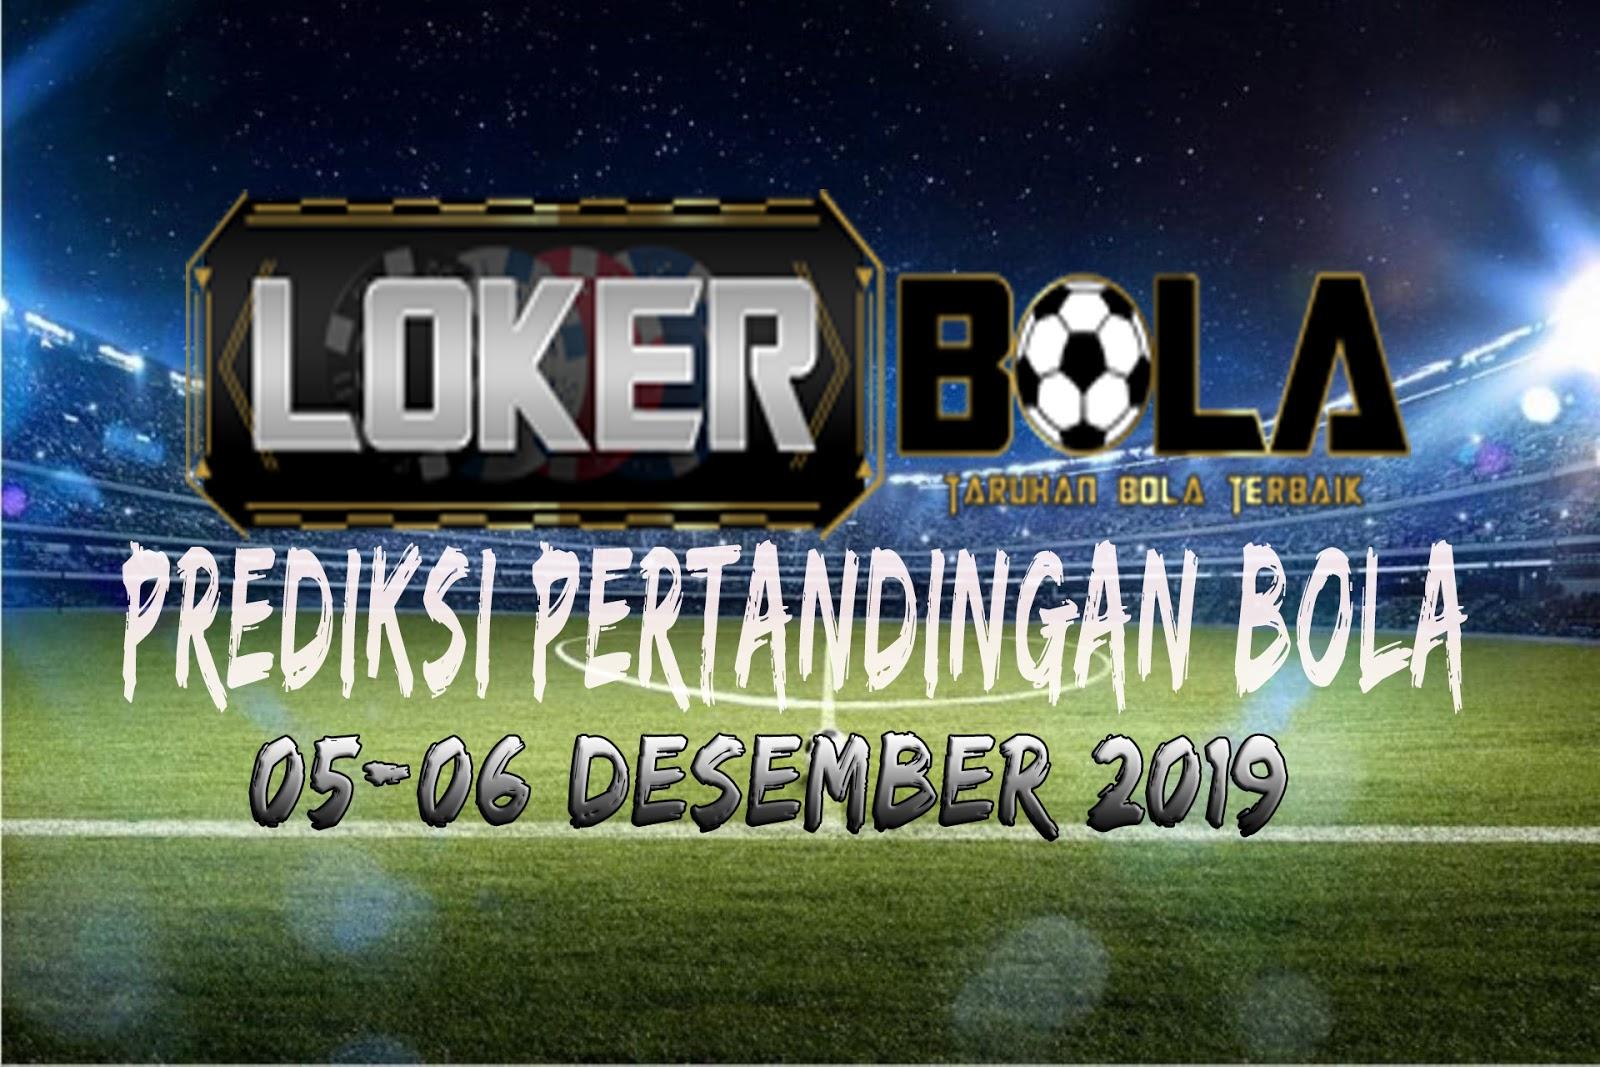 PREDIKSI PERTANDINGAN BOLA 05 – 06 DESEMBER 2019